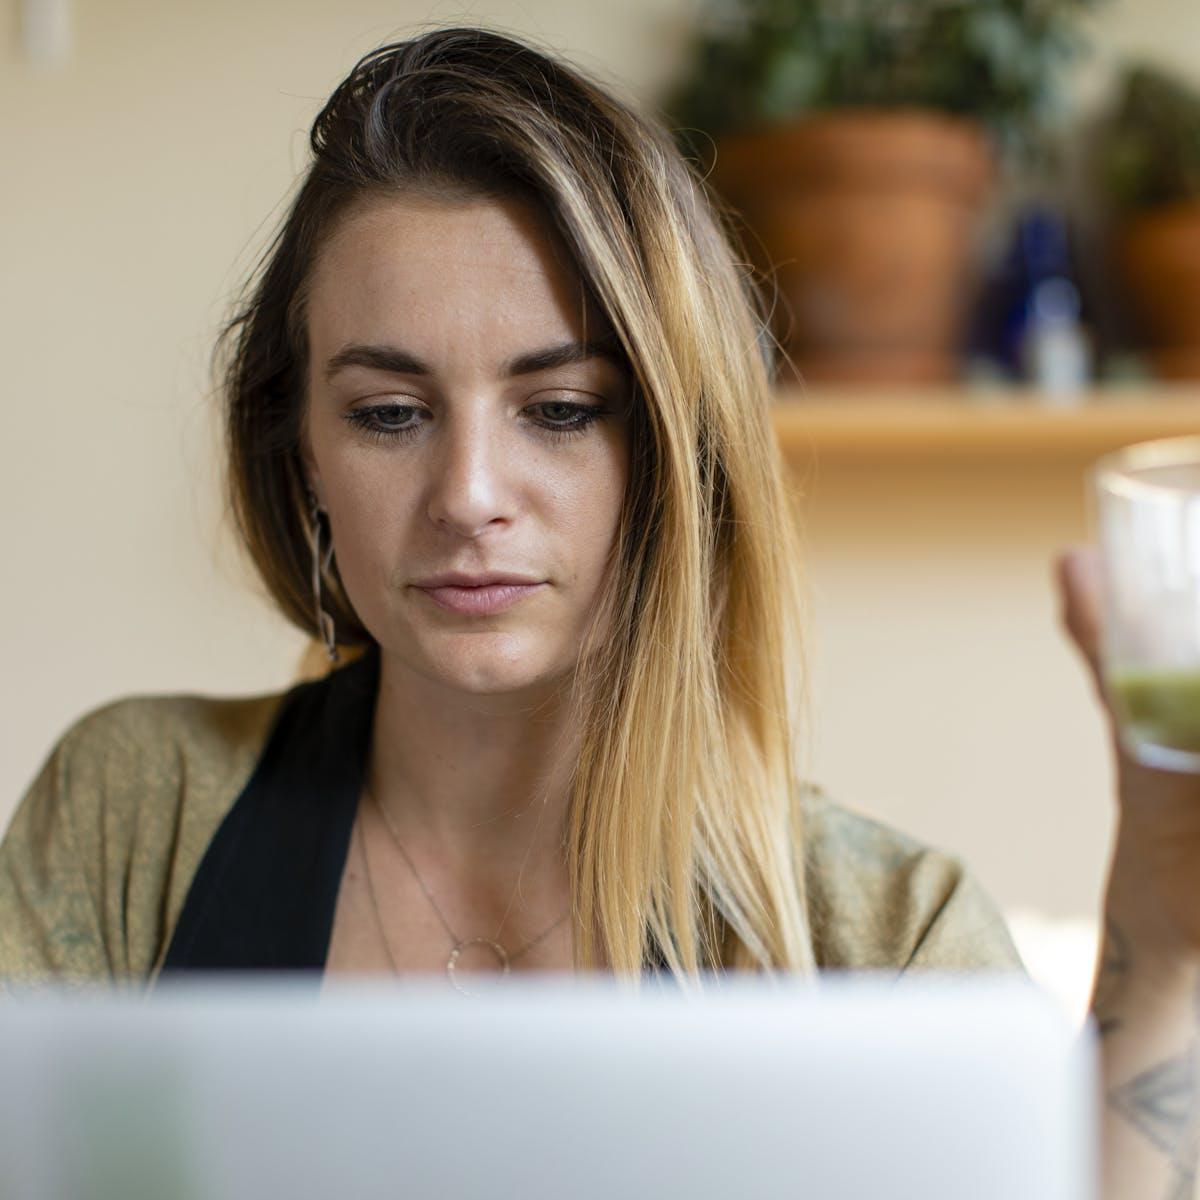 Titelbild-Homeoffice-Home-Office-Führungskraft-weiblich-Frau-Laptop-daheim-pixabay-4013292-rawpixel